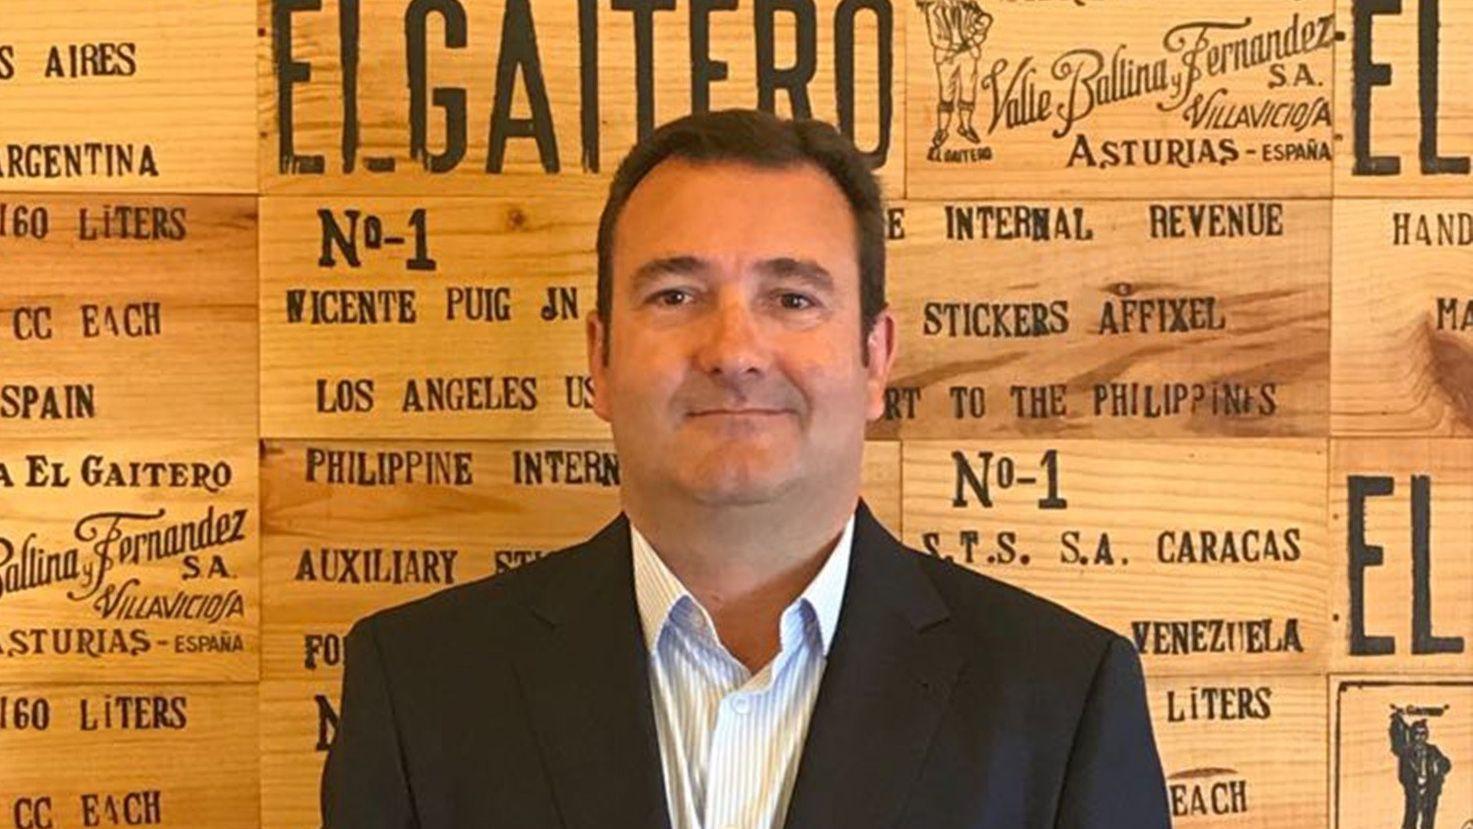 .Ricardo Cabeza, director general de El Gaitero